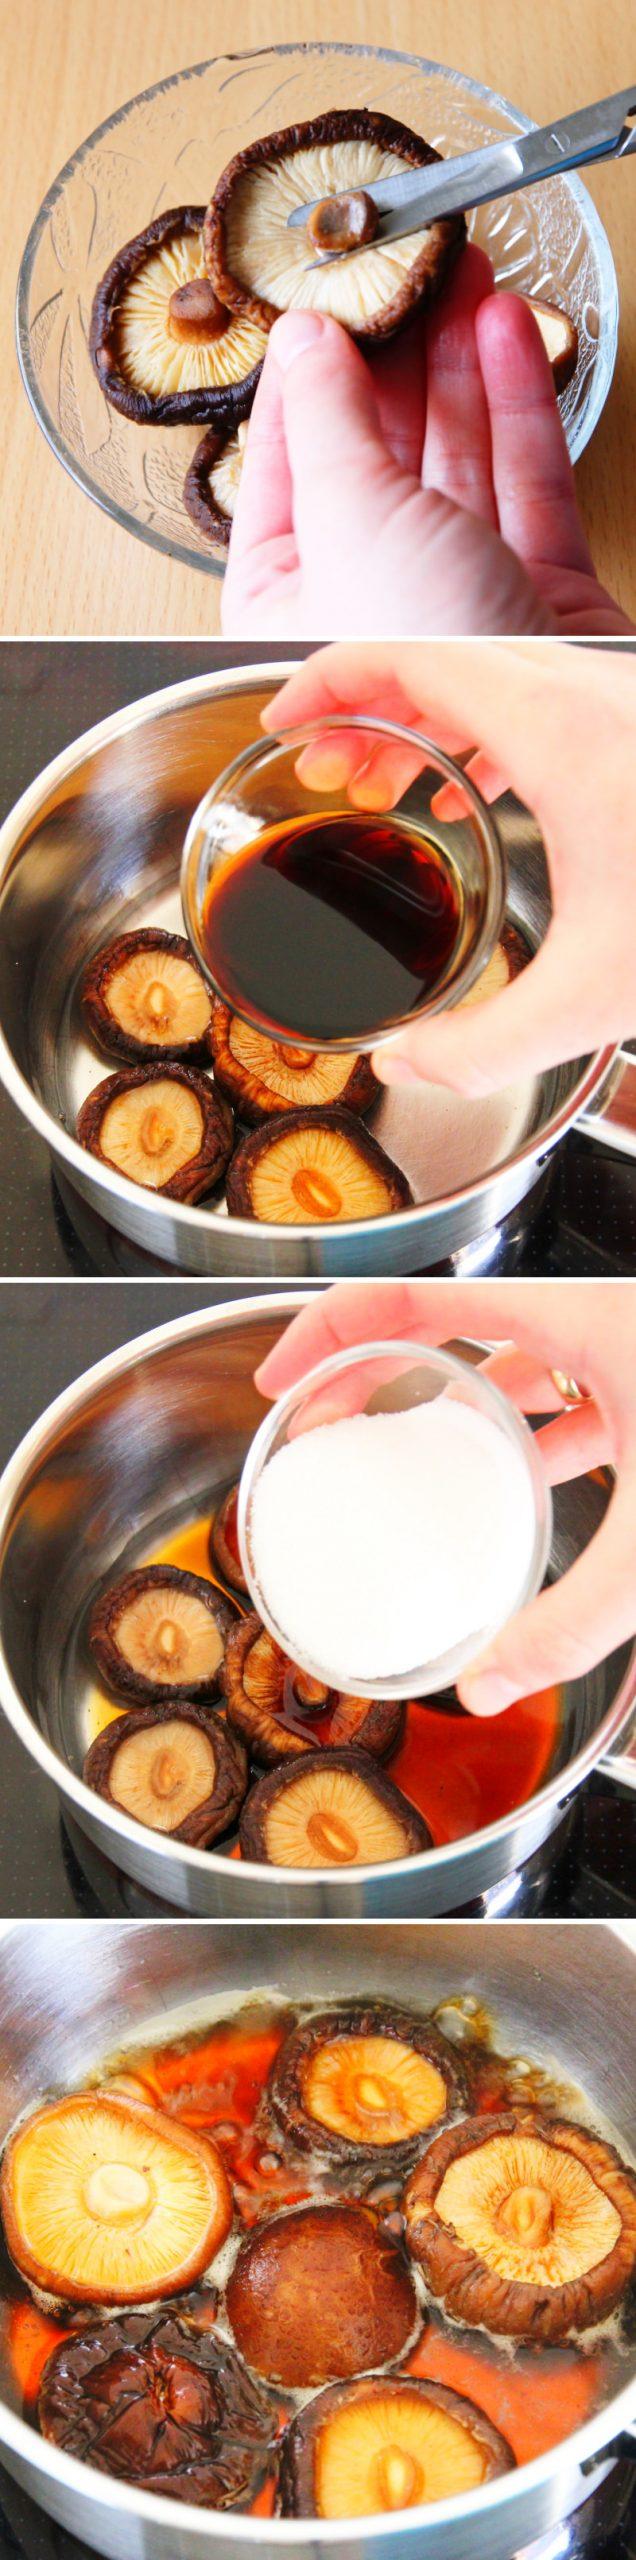 Futomaki Schritt 5 gewürzte Shiitake zubereiten